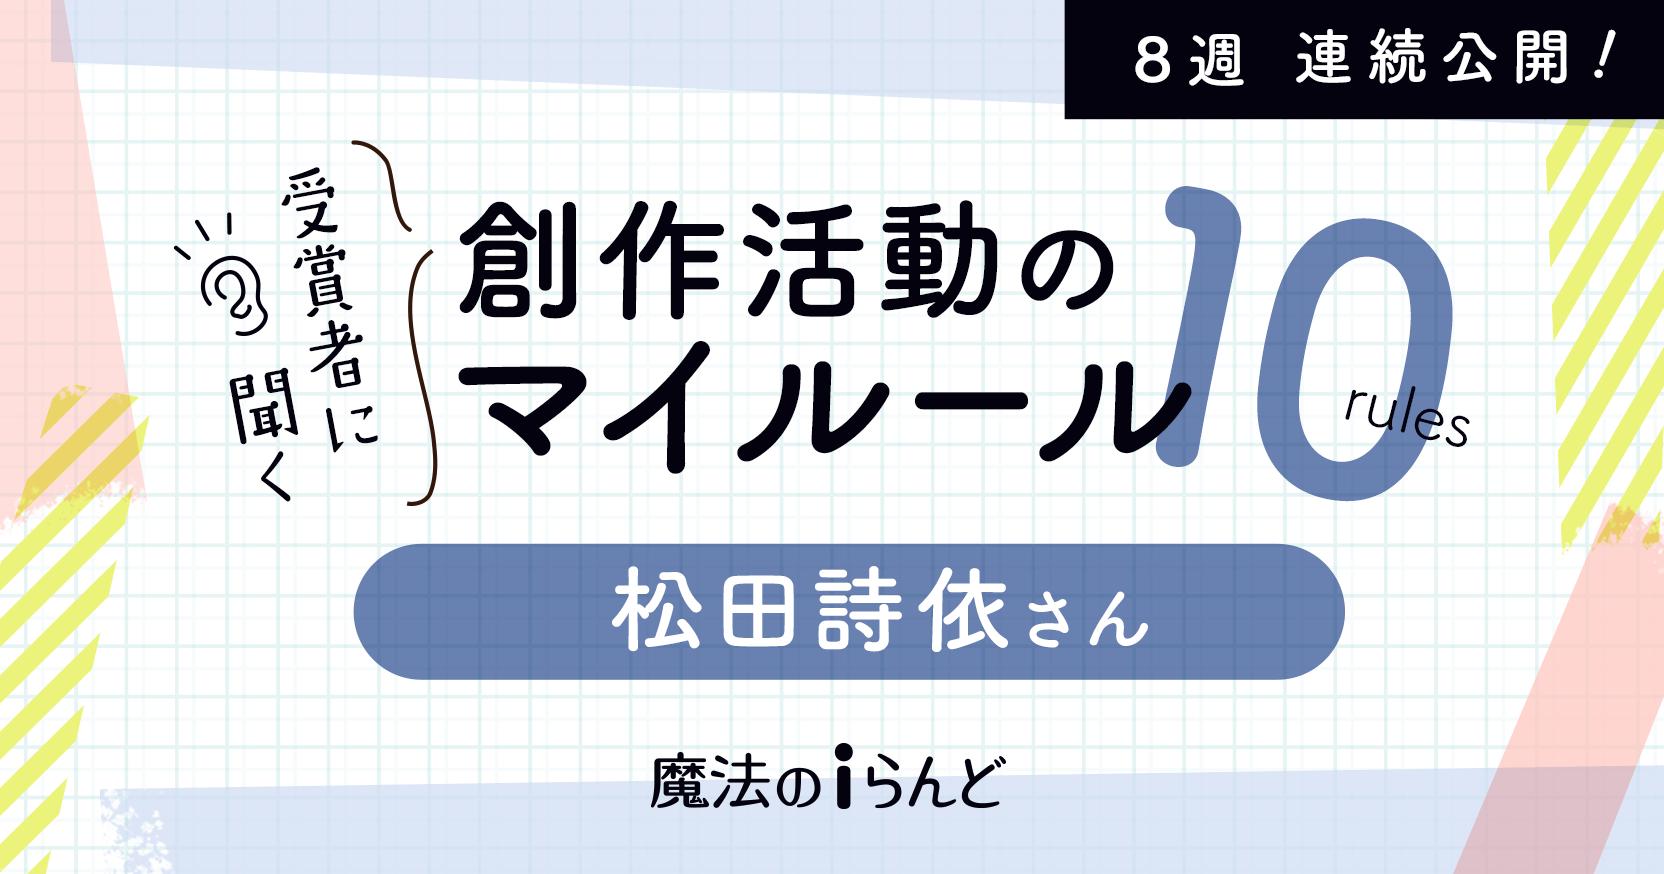 https://storage.googleapis.com/blog-info/entry/2021/08/210802-myrule-matsuda_ogp.png